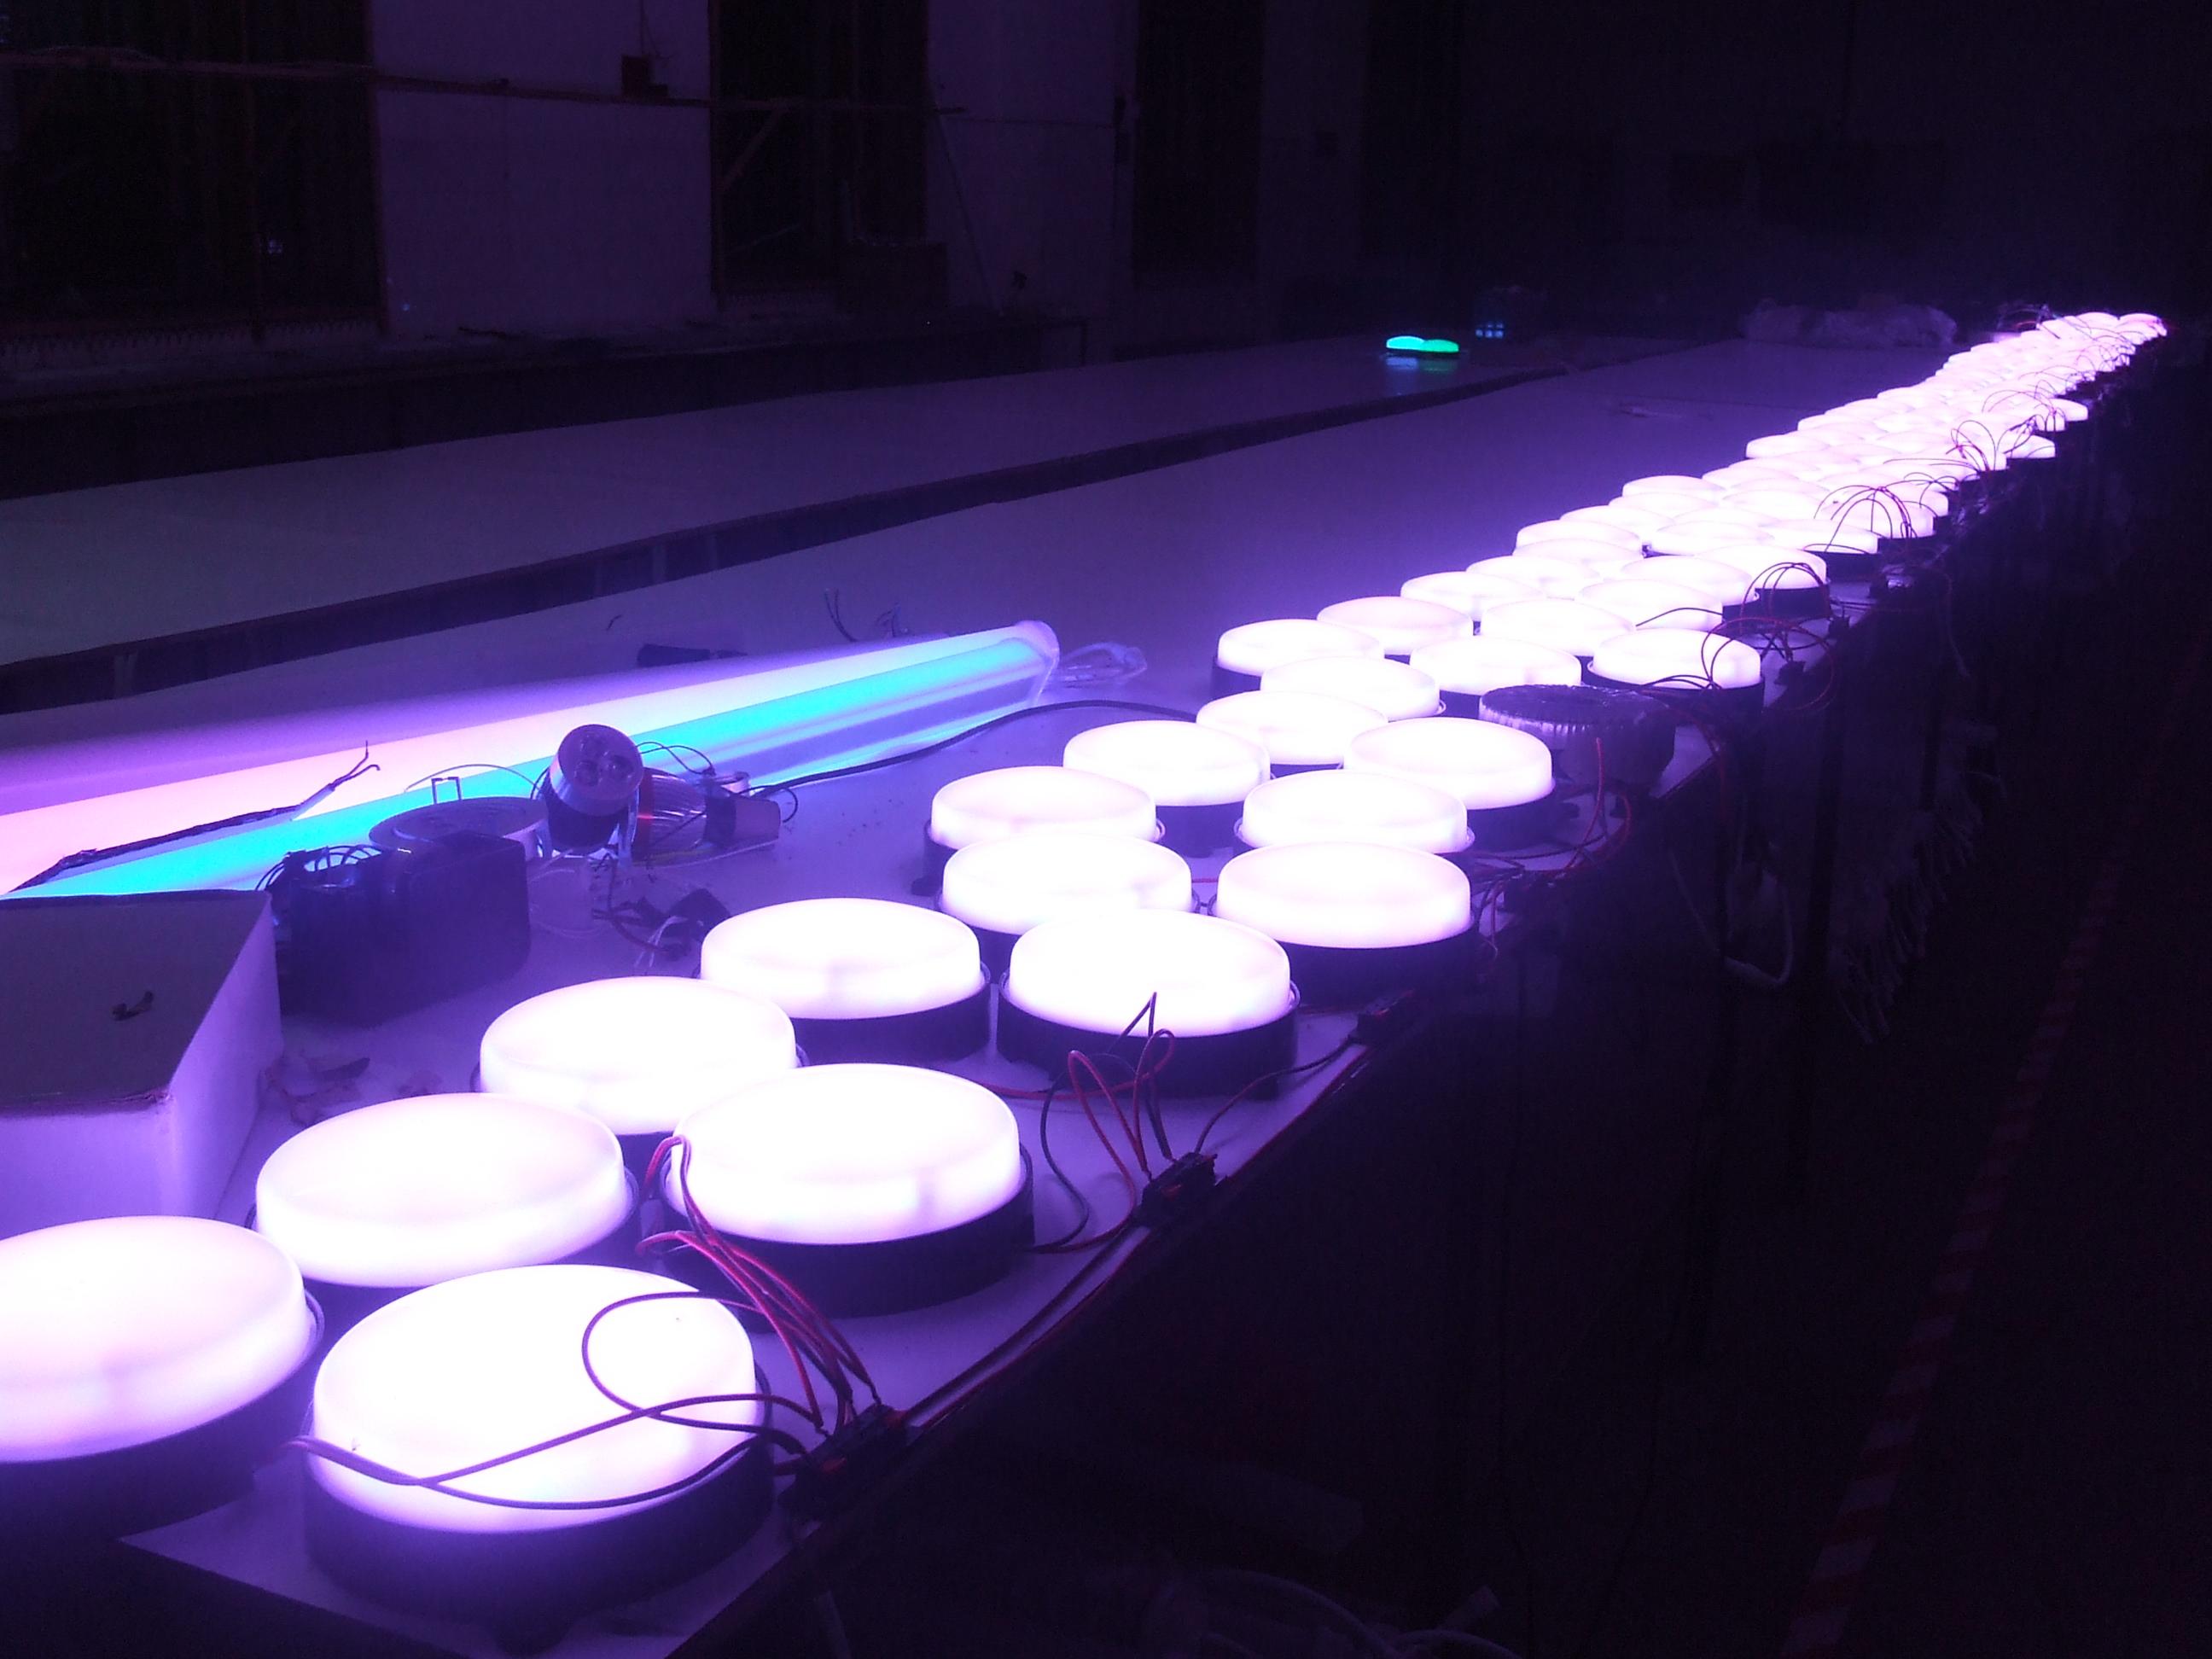 海盐同城游是同城游推出的一款游戏大厅,拥有众多的海盐地区最流行的棋牌游戏,最符合当地人的游戏规则,游戏非常的有地方特色,是海盐地区,玩家必备的游戏,各种游.海盐同城游戏大厅下载_搜狗下载广东省公安厅(Guangdong Provincial Public Security),位于广东省广州市黄华路97号,是广东省人民政府下设主管全省公安工作的职能部门,公安厅受省政府、公安部的双.